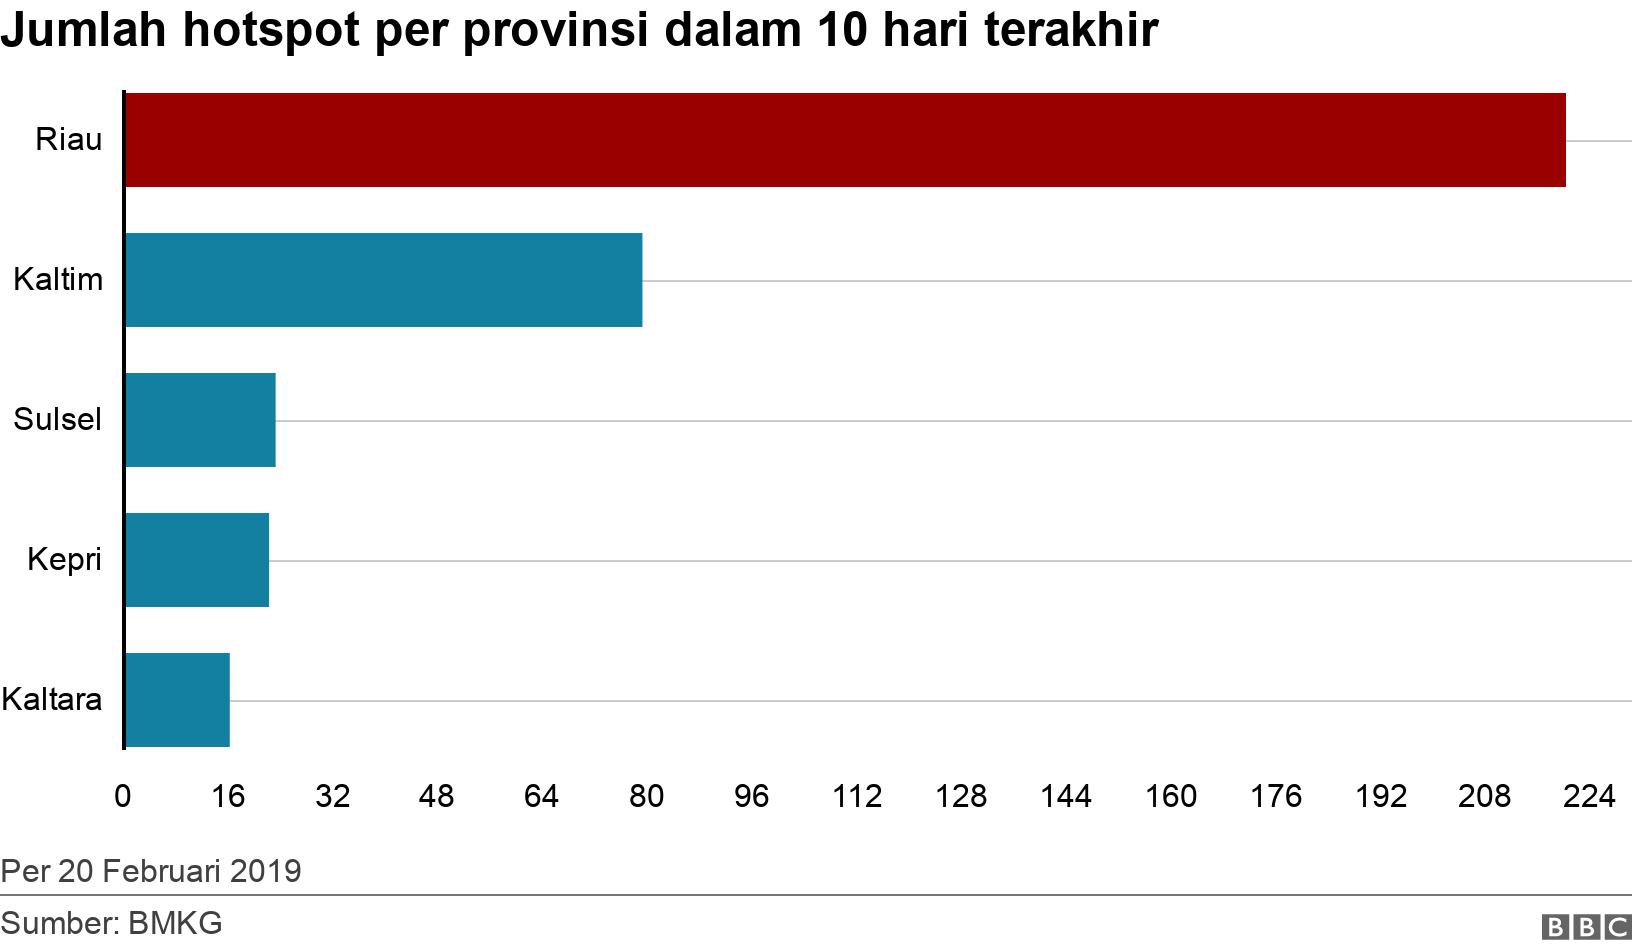 Jumlah hotspot per provinsi dalam 10 hari terakhir. .  Per 20 Februari 2019.